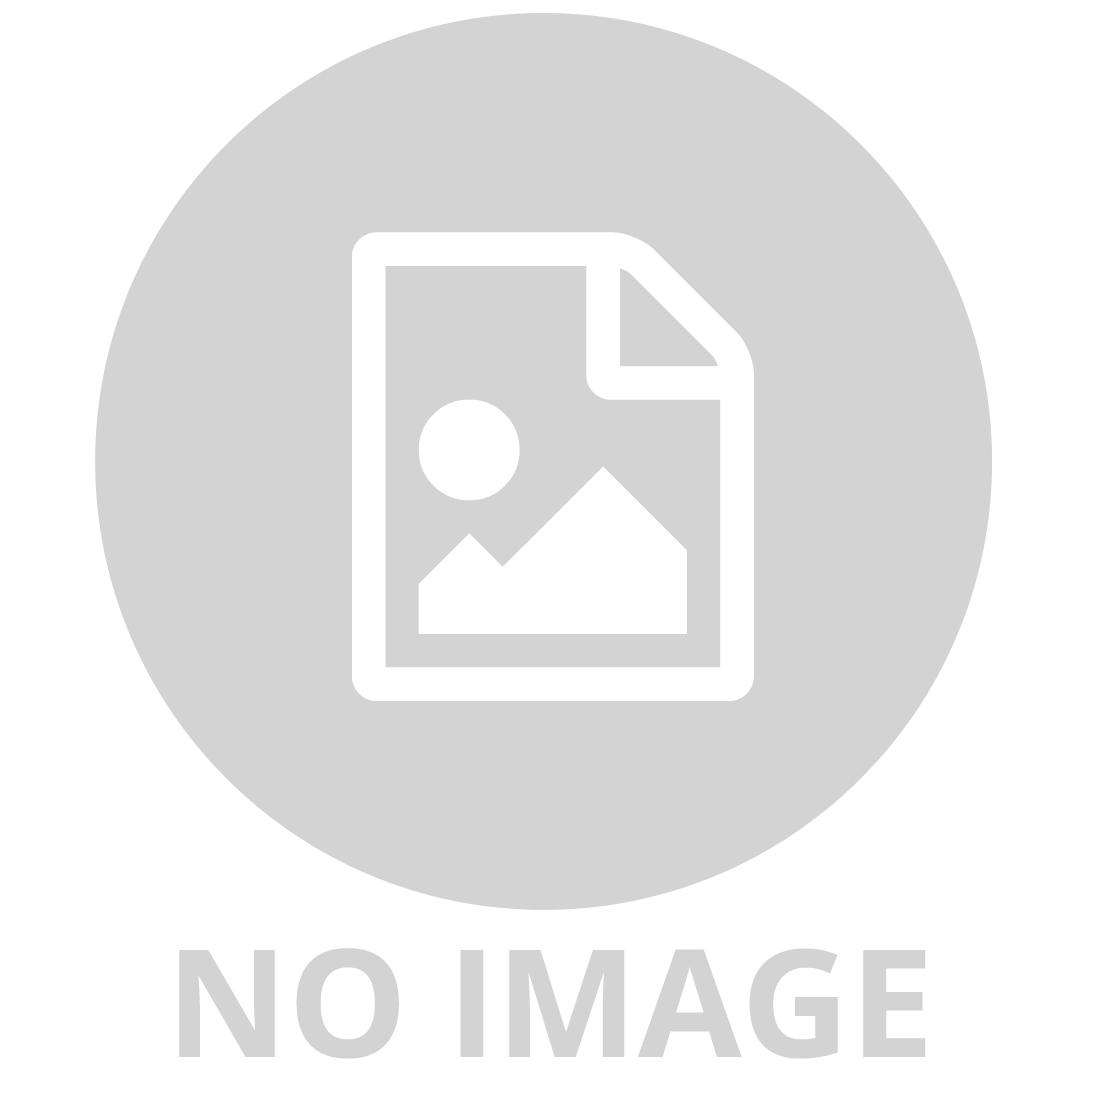 AOSHIMA 1/72 KAWASAKI KI 100 TYPE 5 OTSU